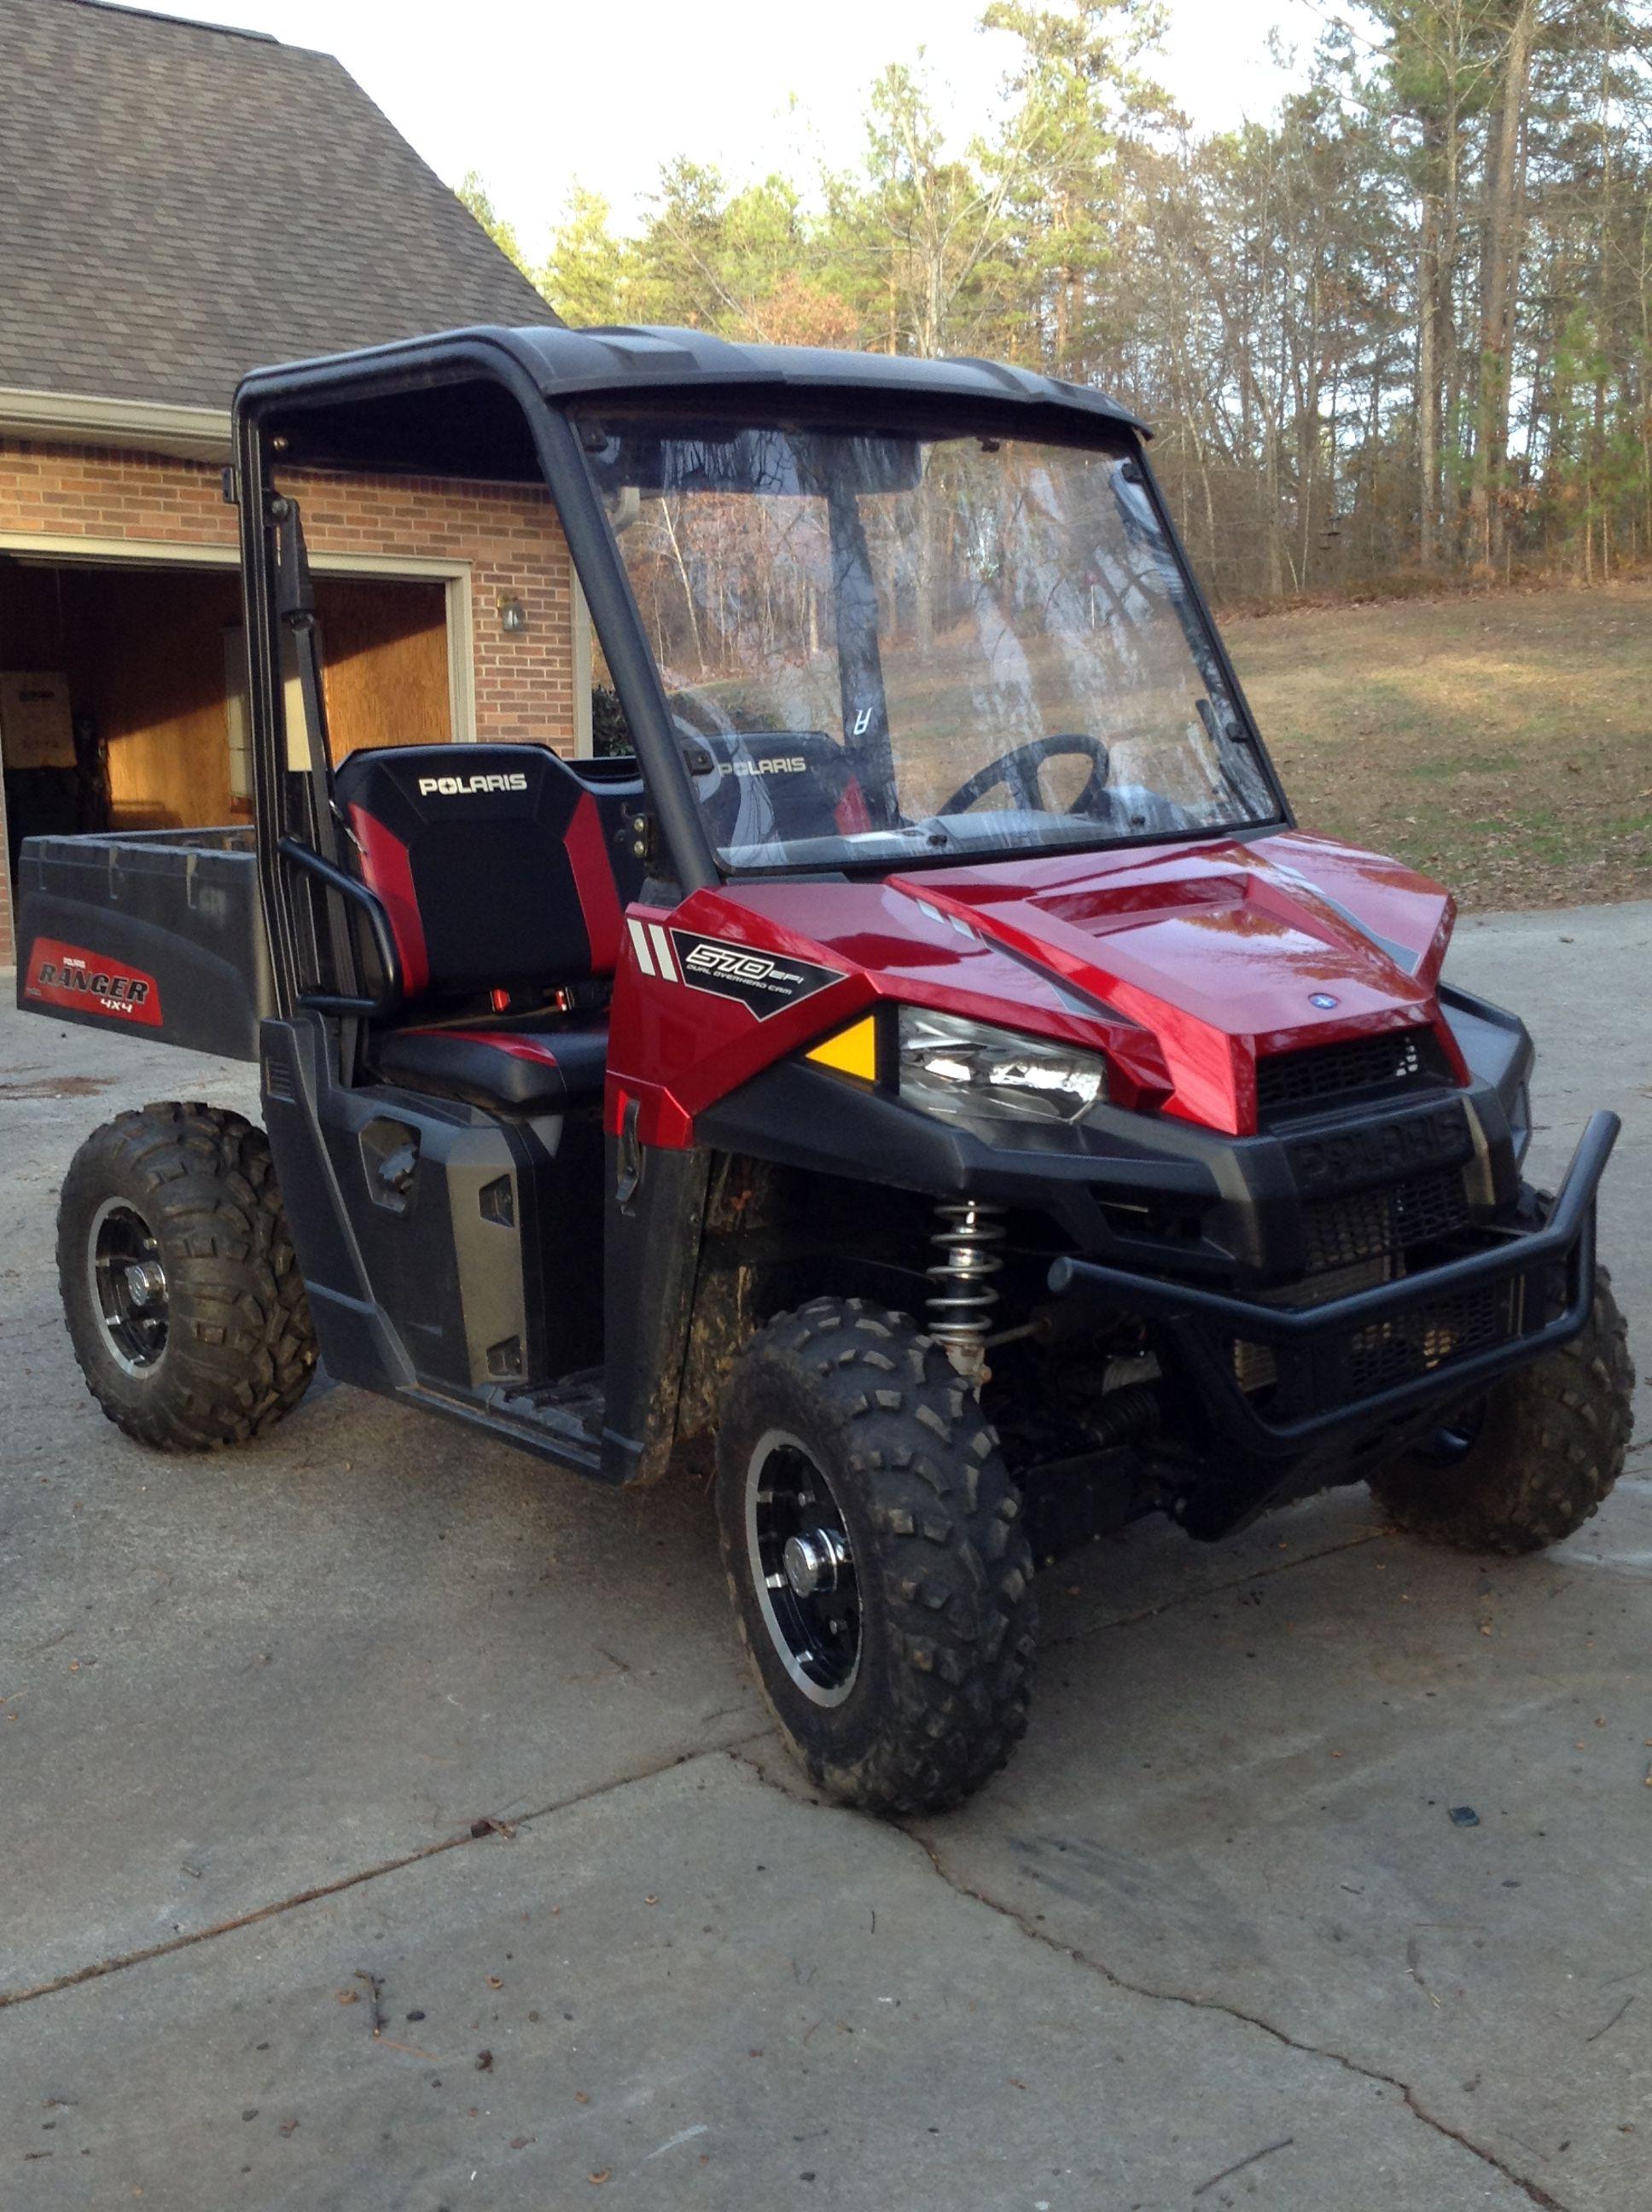 570 Red Polaris Ranger